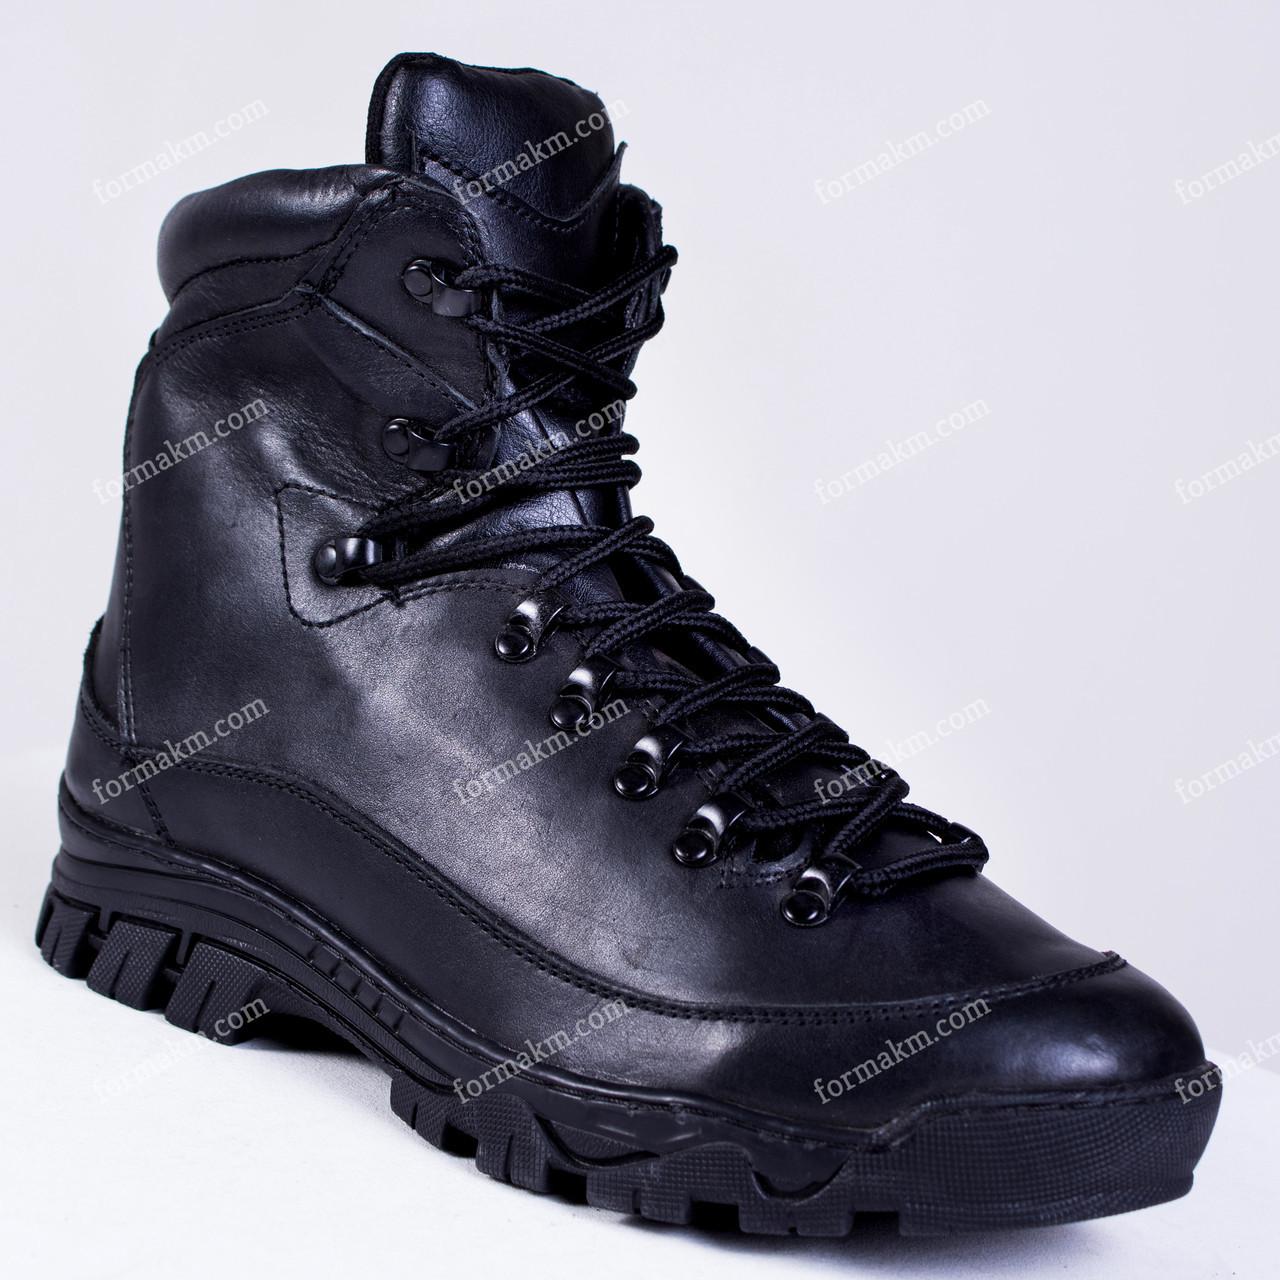 Тактические Ботинки Зимние Gladiator Black